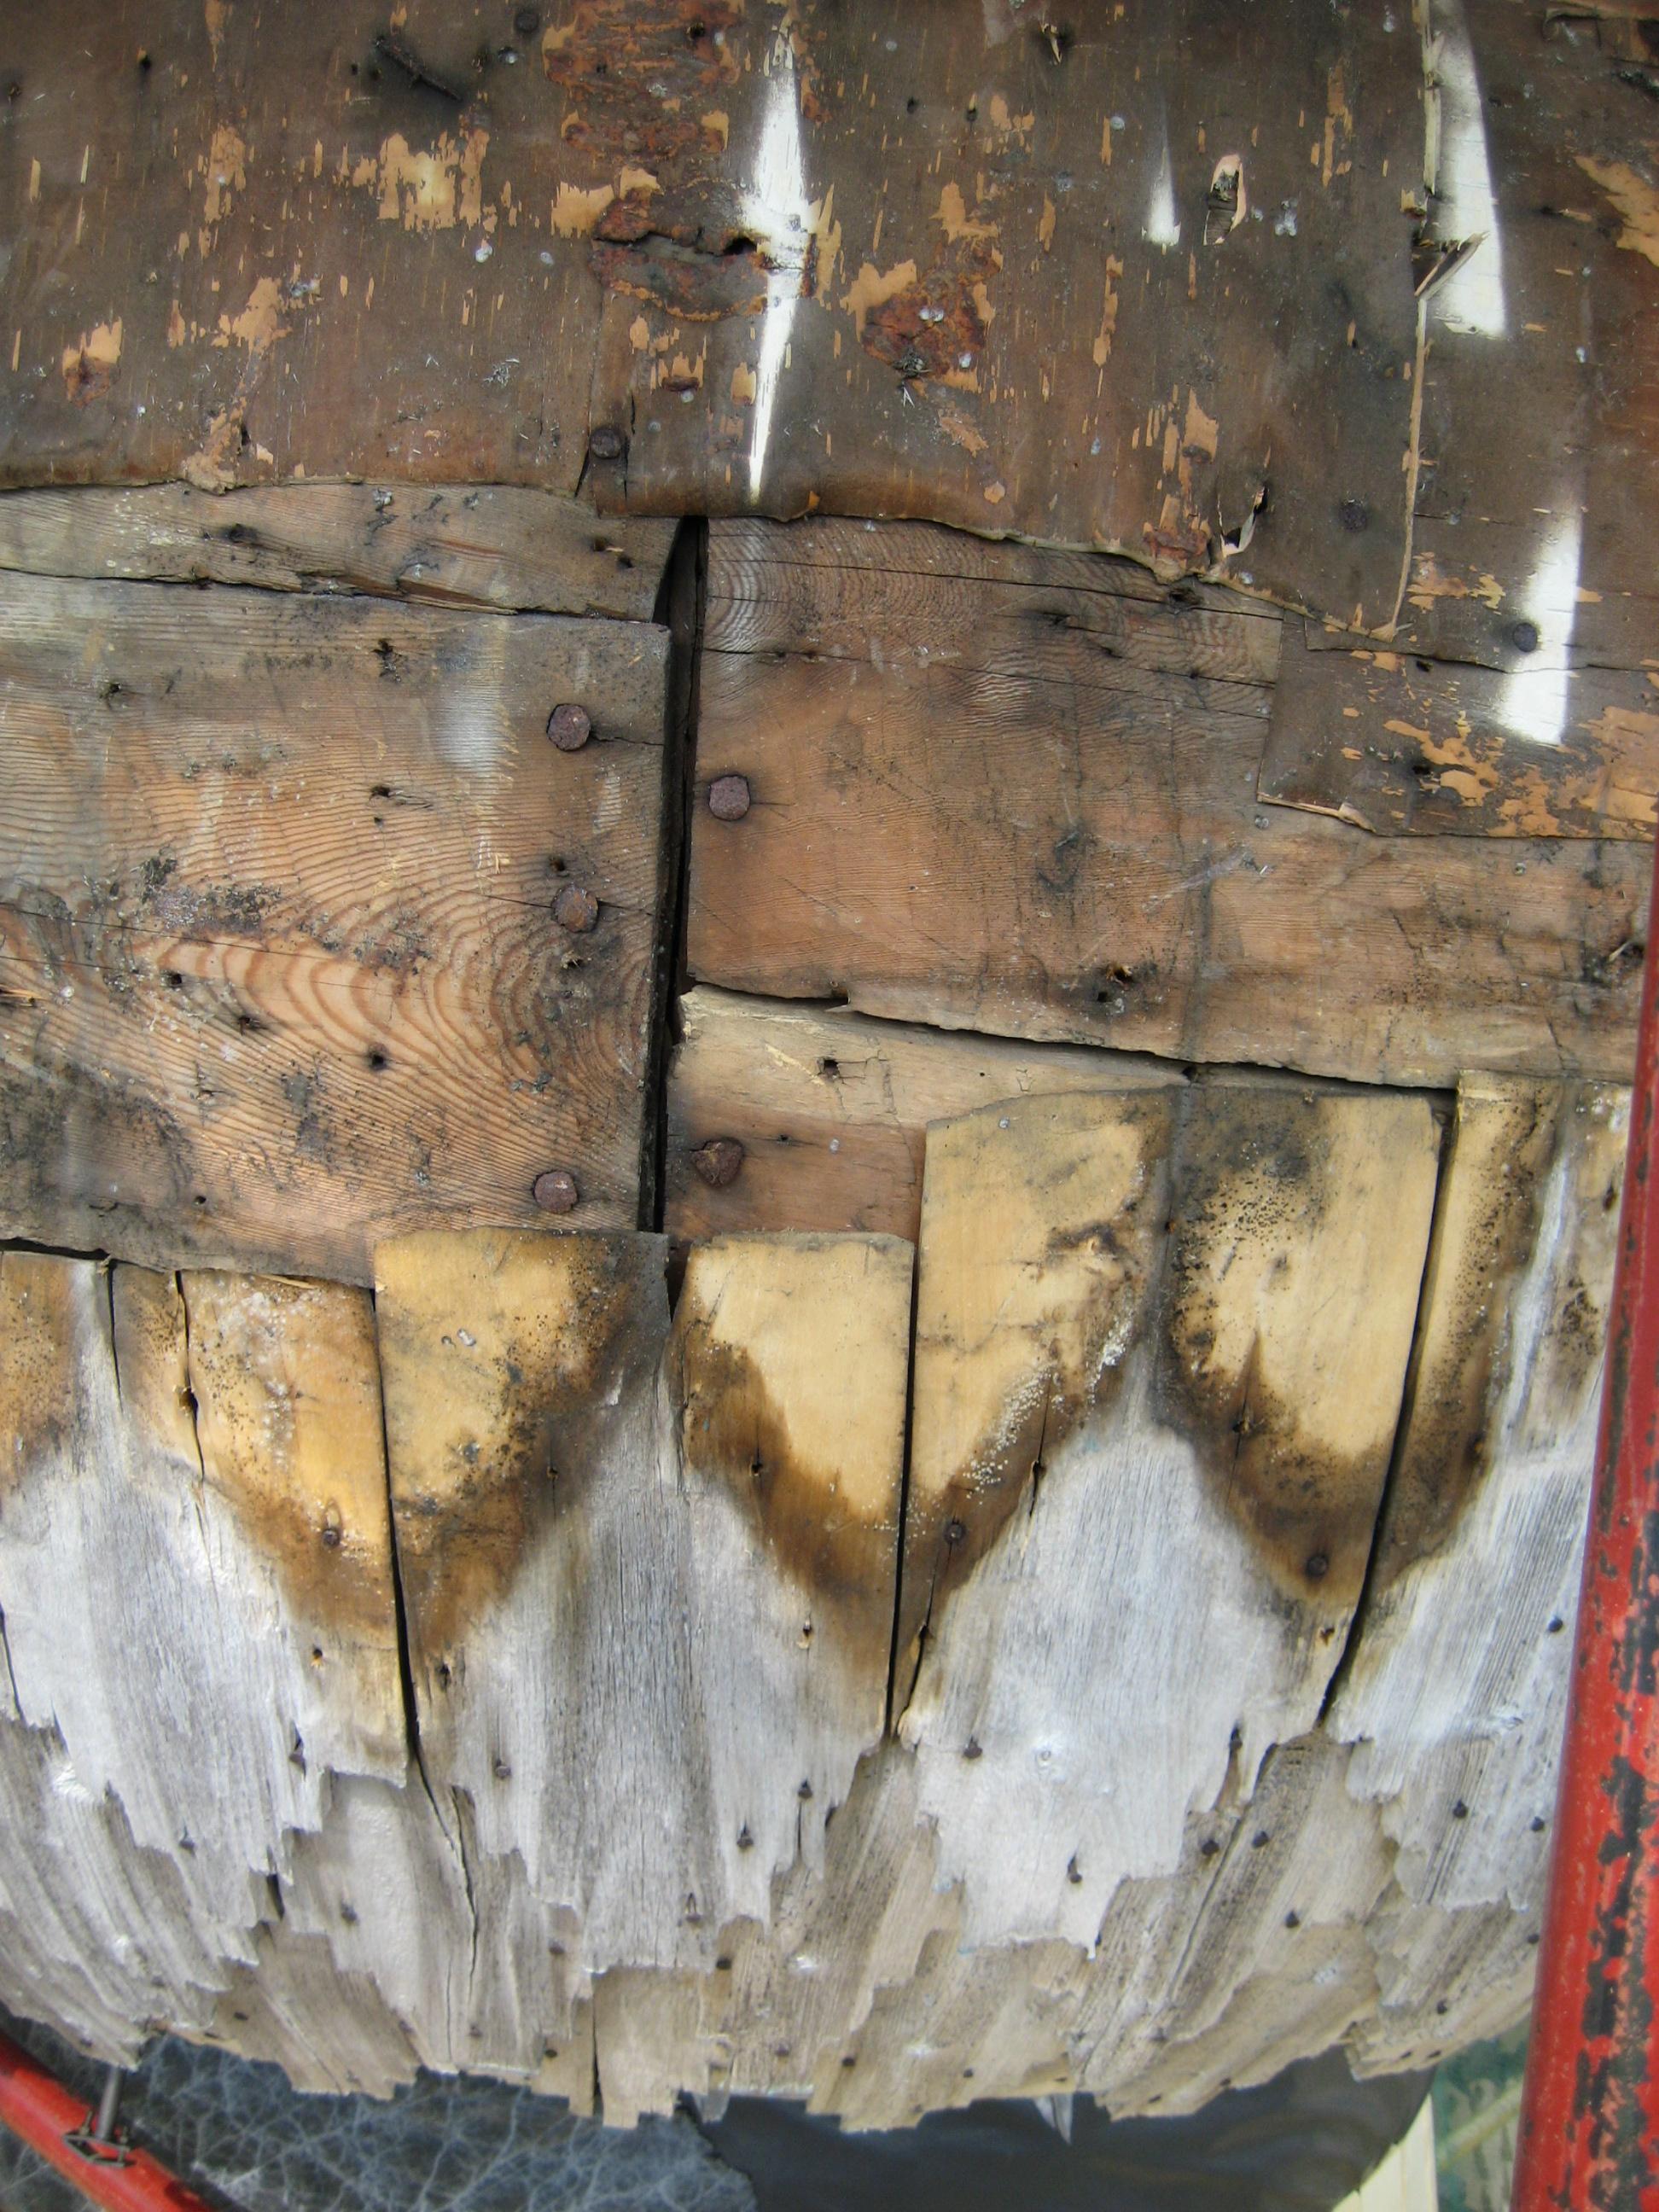 Старая обрешетка главок церквей хотя и нашпигована гвоздями, но вполне пригодна для использования и могла бы быть сохранена при аккуратном с ней обращении.